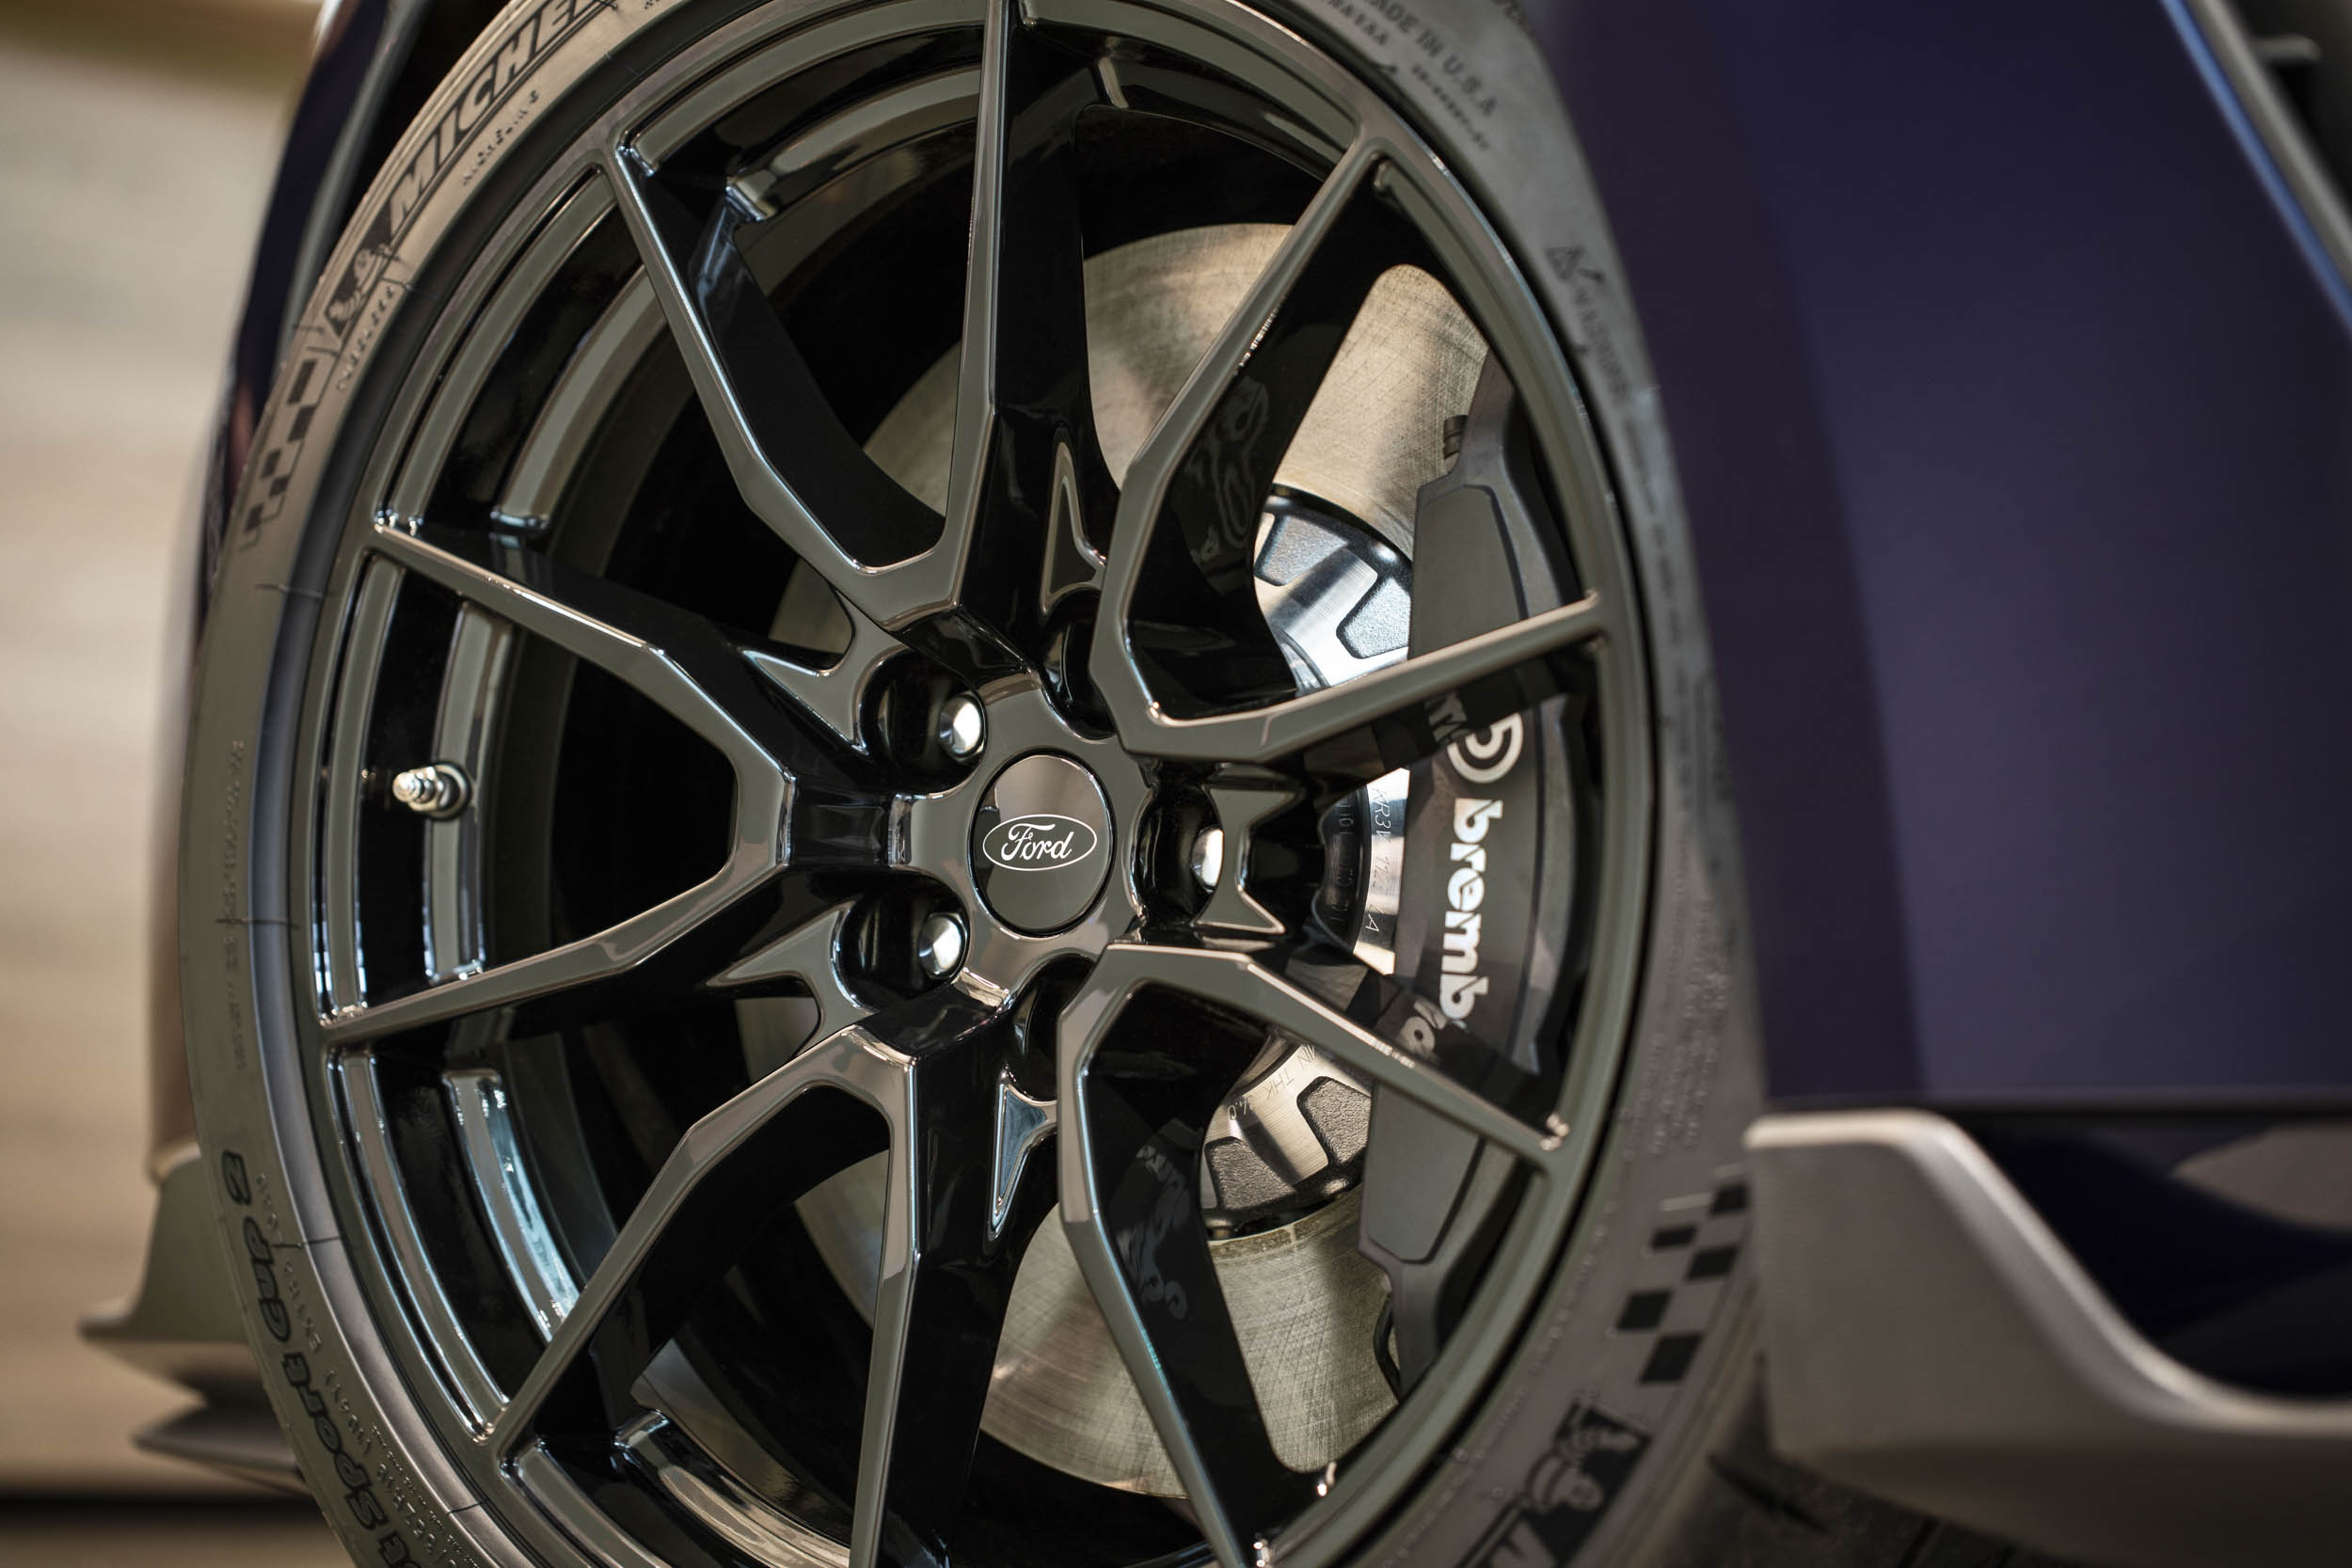 2019 Shelby GT350 wheel detail